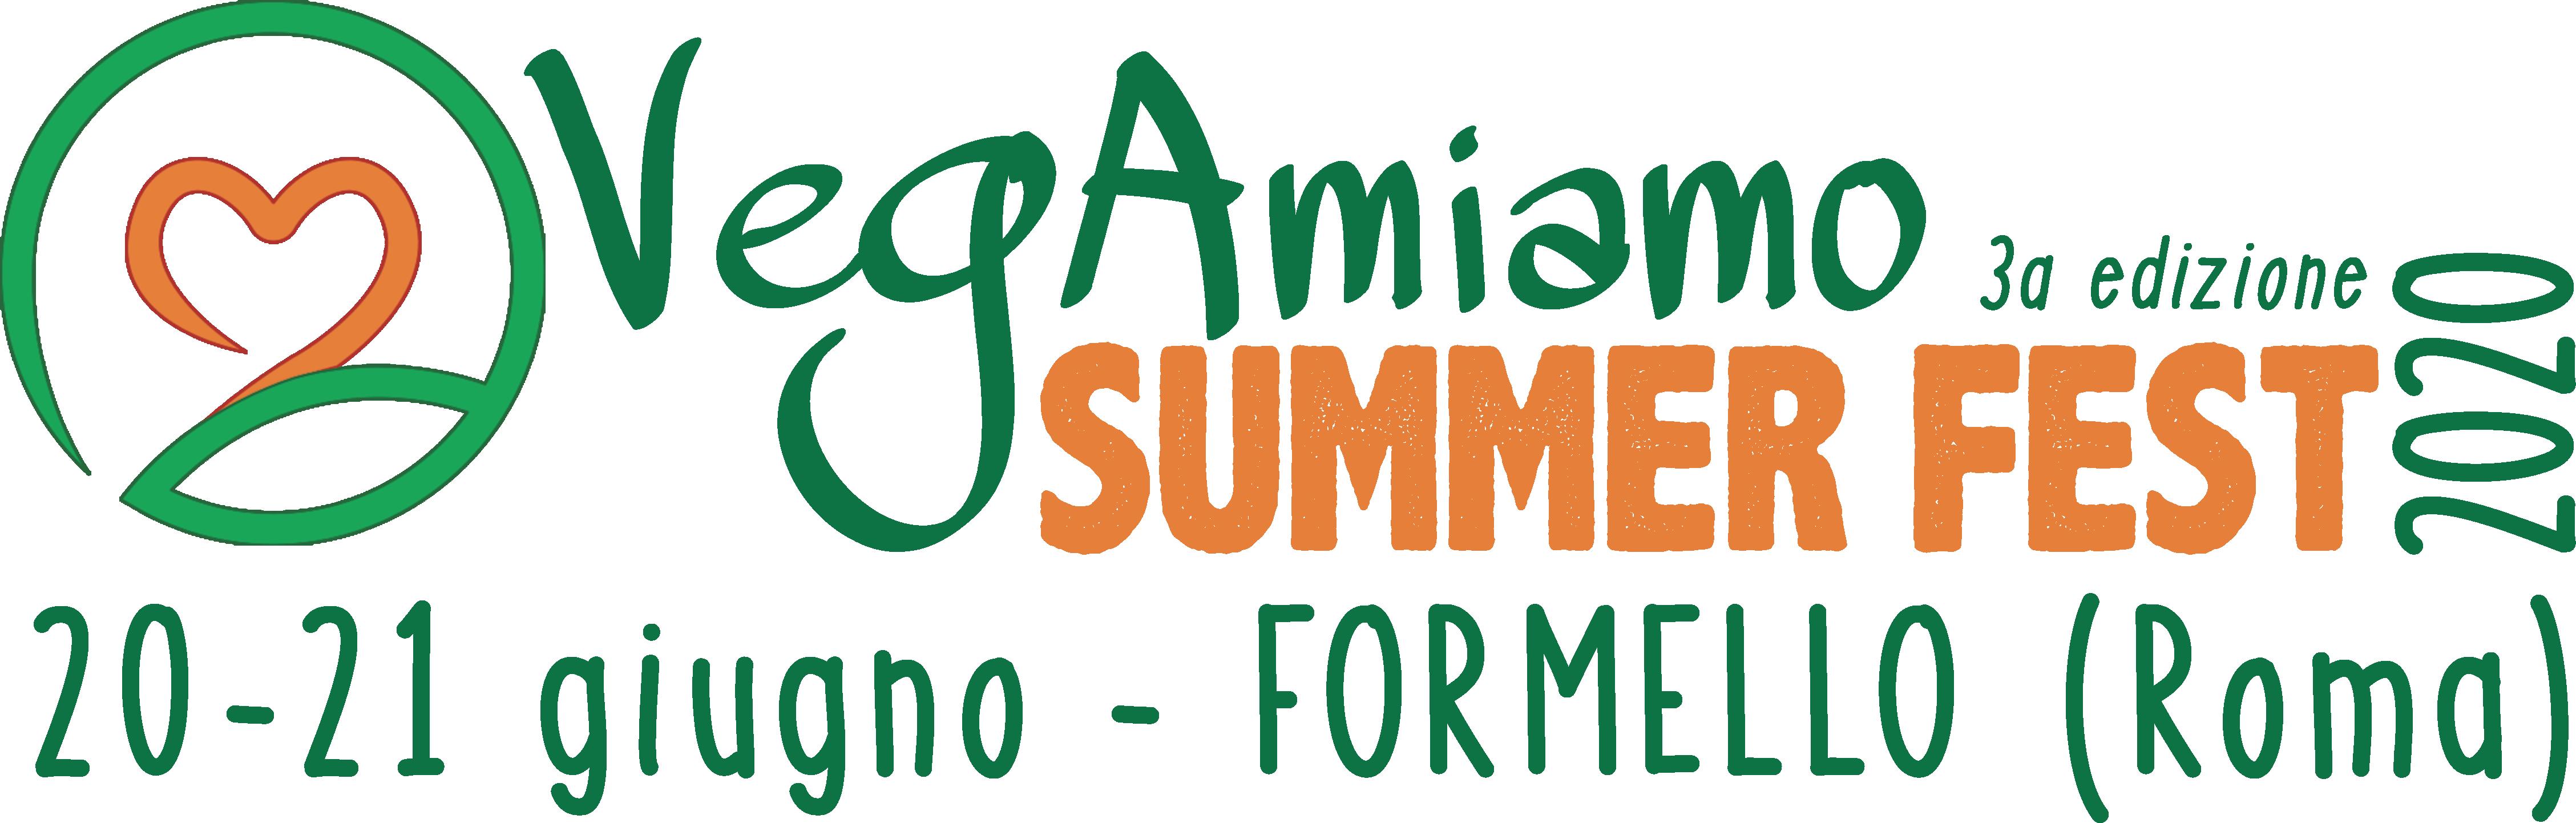 VegAmiamo Summer Fest 2020